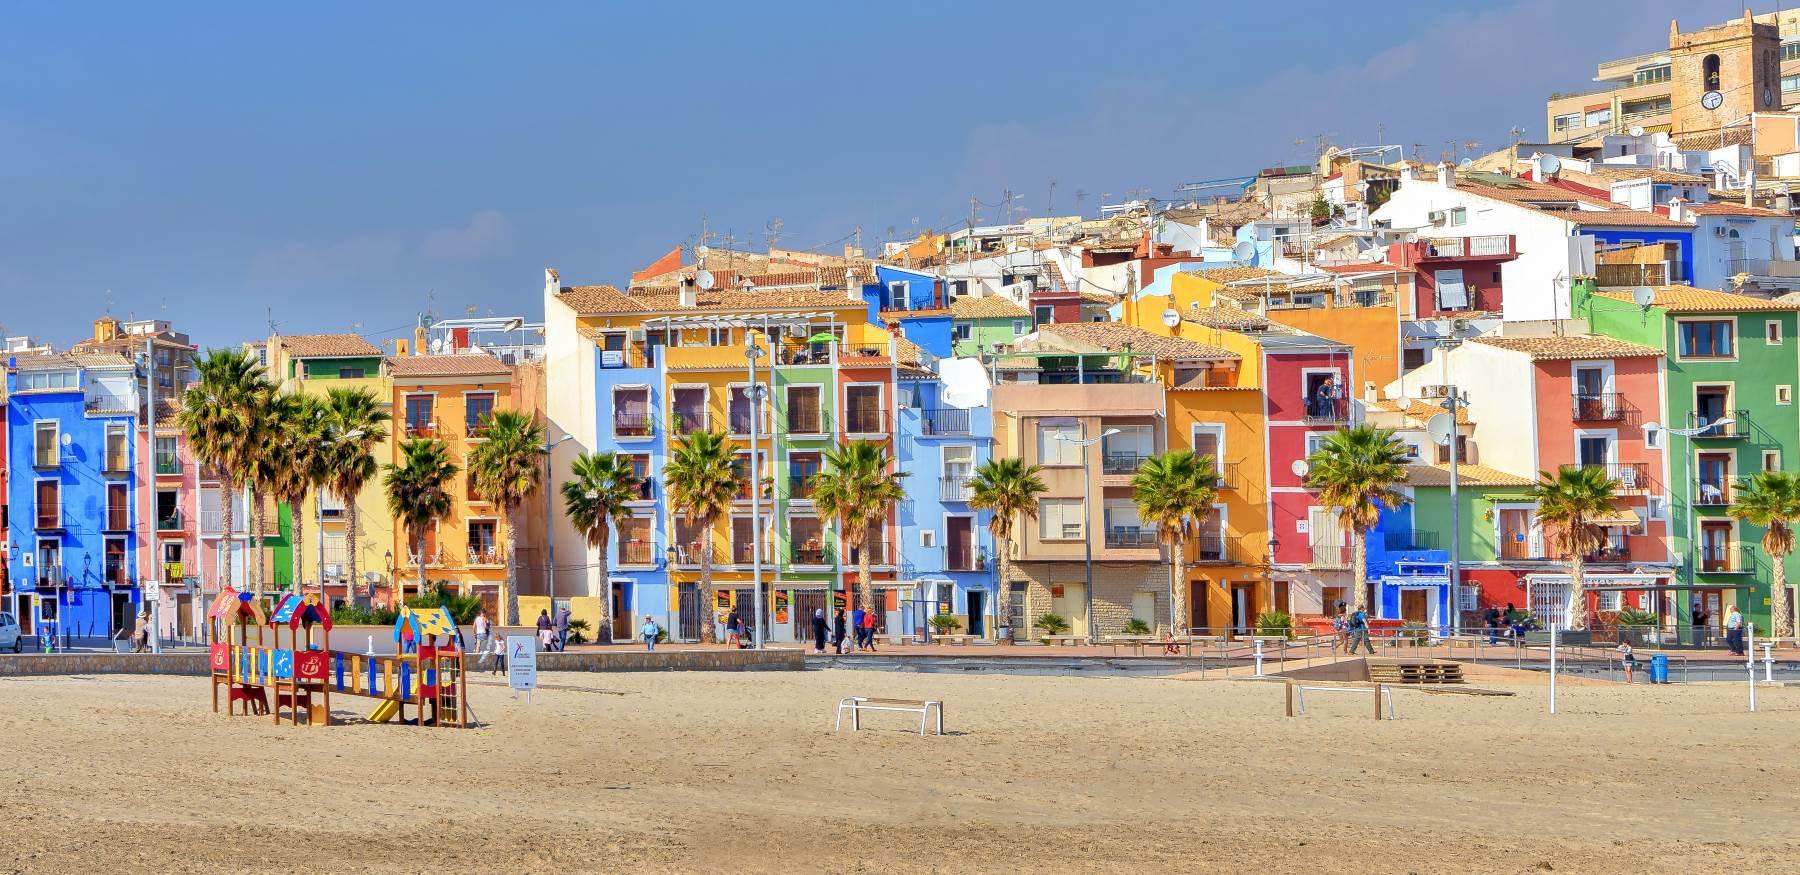 Conciergerie airbnb Alicante Costa Blanca